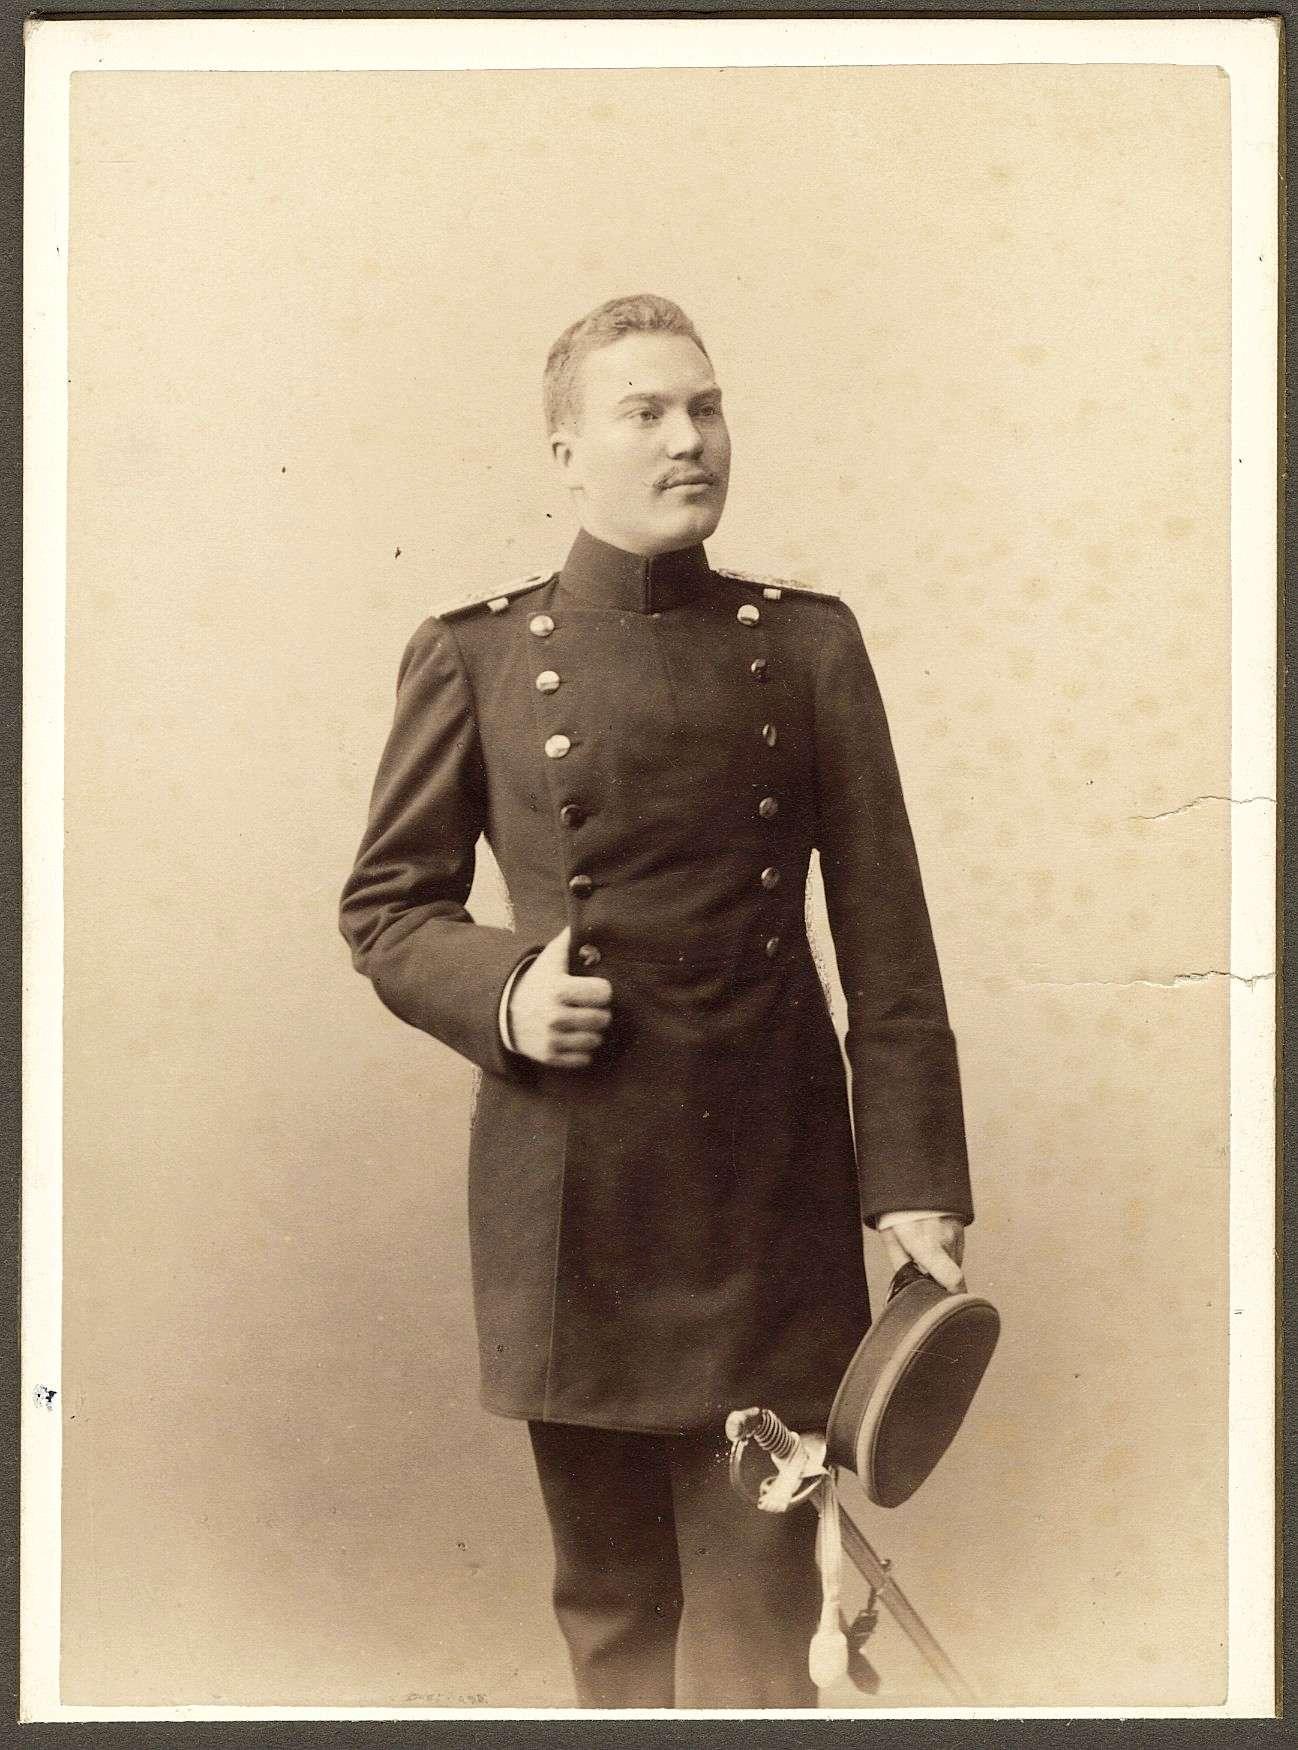 Lämmerer, Theodor Gotthilf, Bild 1